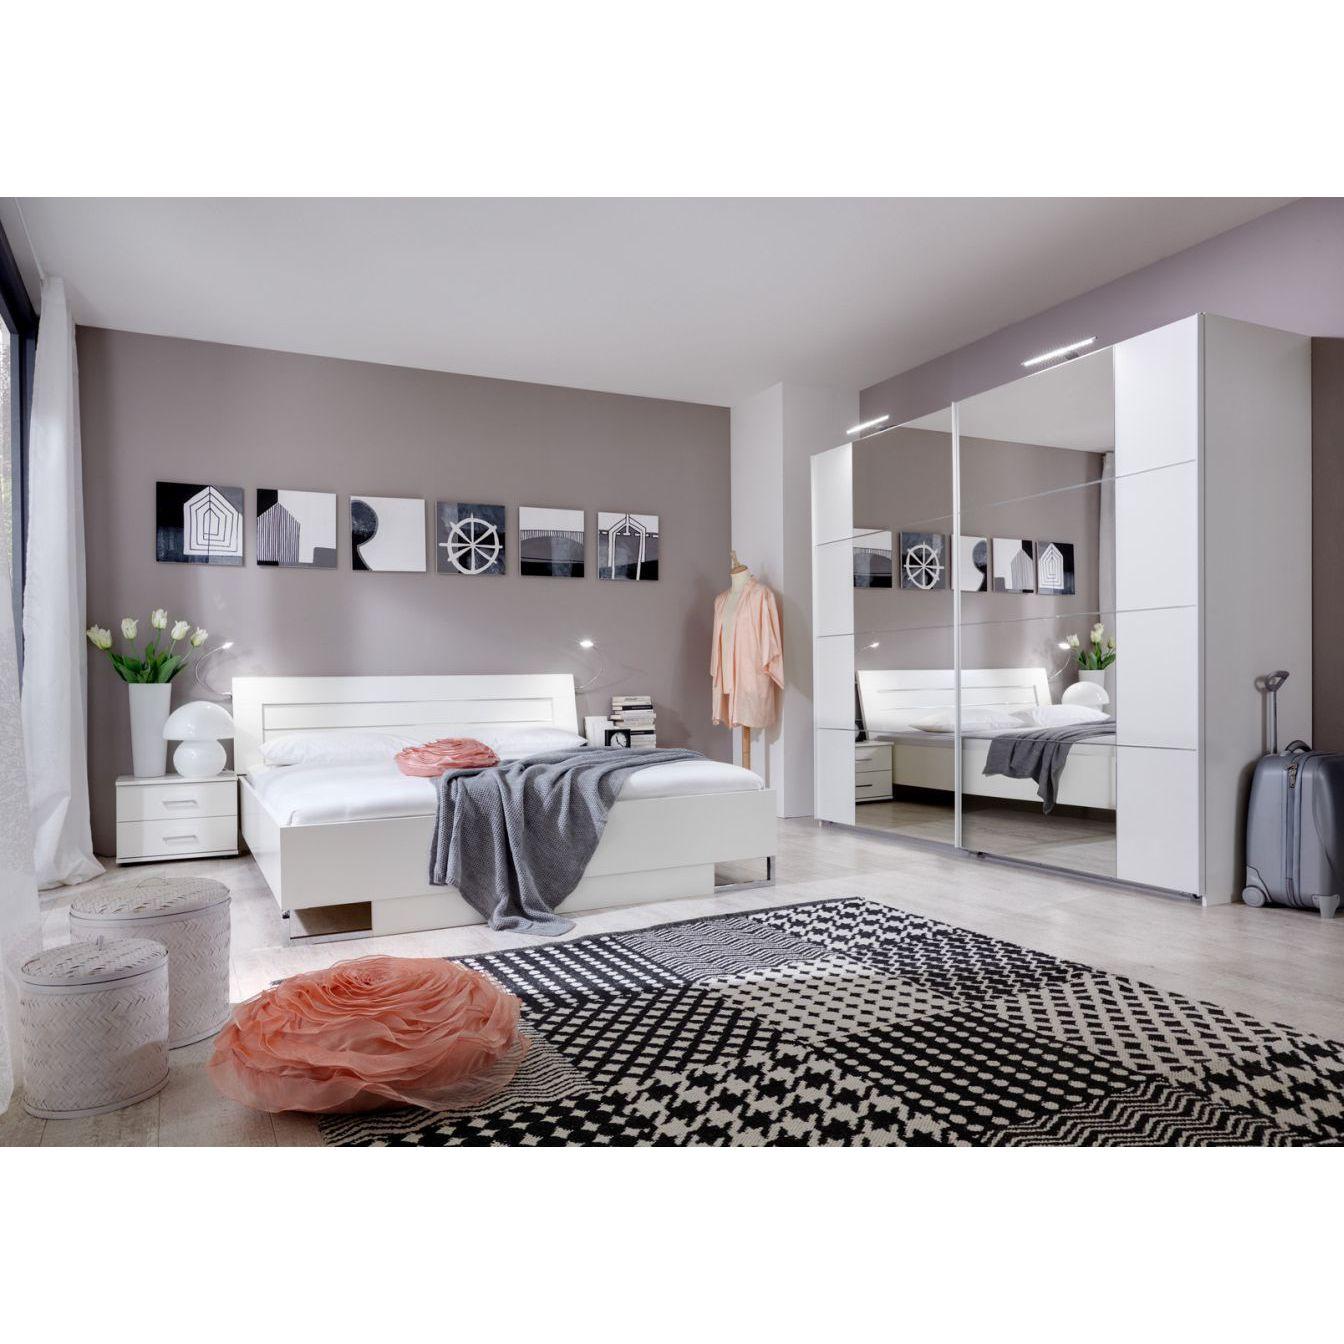 Full Size of Schlafzimmer Set Weiß Komplett Andara E Lampen Landhausküche Mit überbau Regal Hochglanz Wohnzimmer Vitrine Vorhänge Deckenleuchten Kinderzimmer Metall Schlafzimmer Schlafzimmer Set Weiß